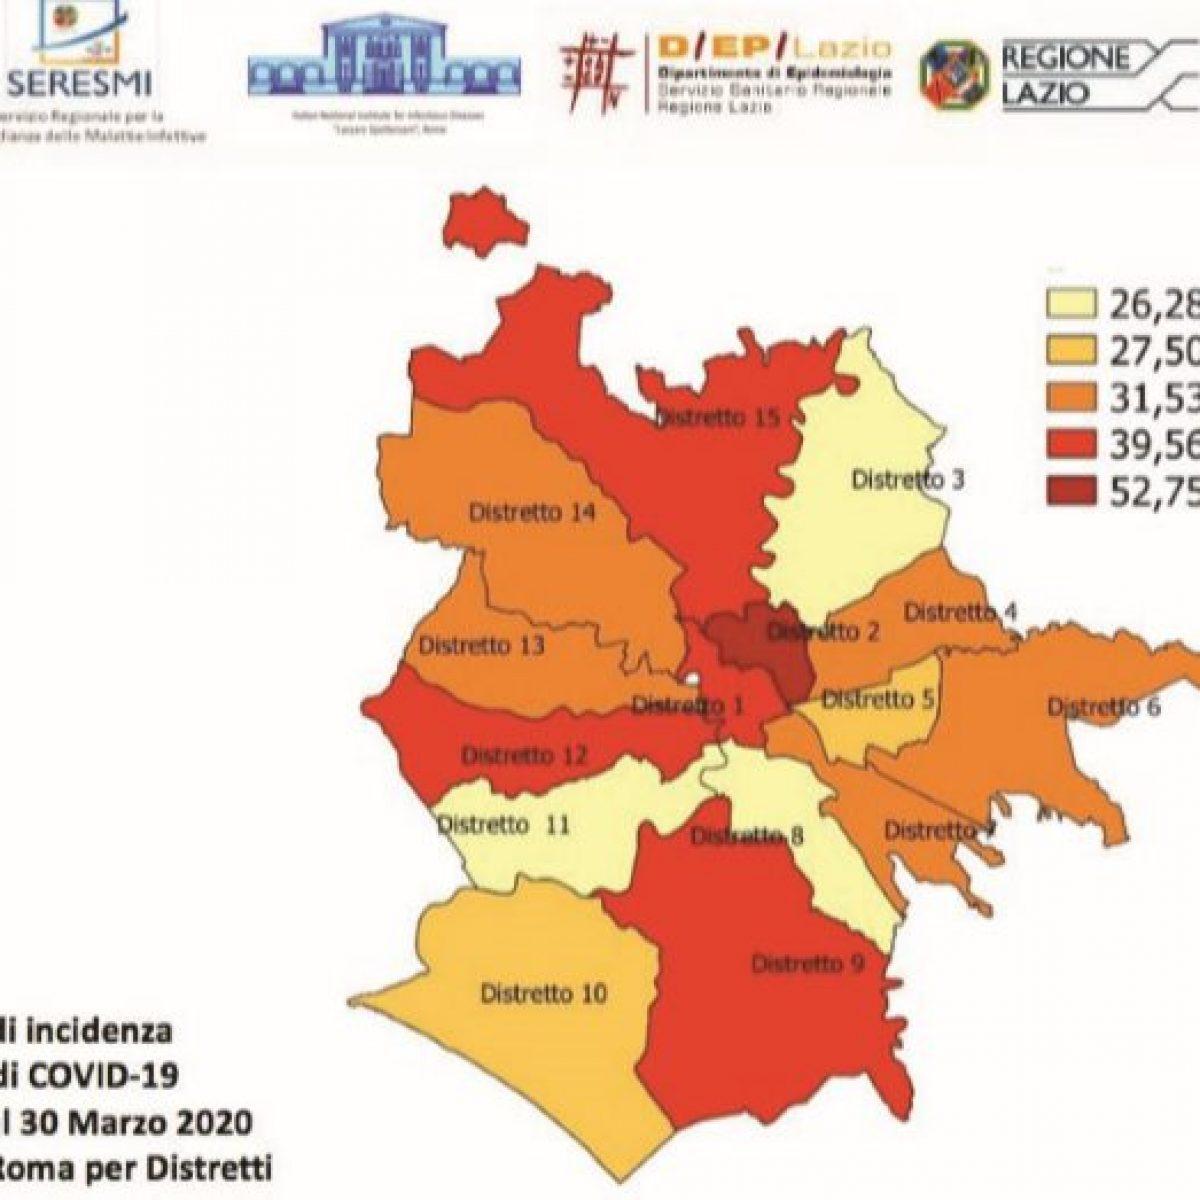 Quartieri Roma Cartina.Quali Sono I Quartieri Di Roma Con Piu Contagi Da Coronavirus